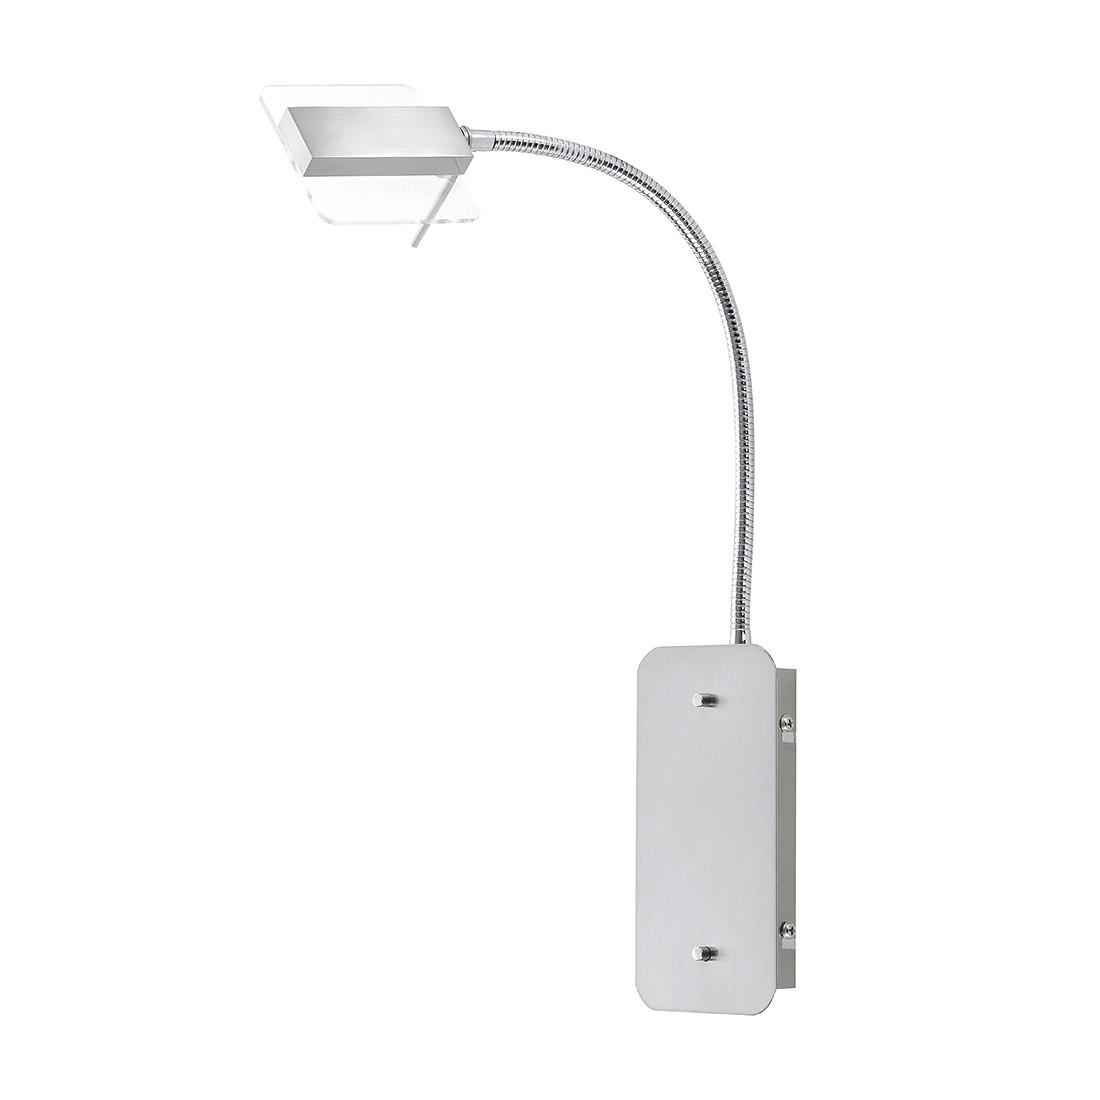 LED-Wandleuchte Kamminke ● Nickel Matt ● Silber- FLI Leuchten A+